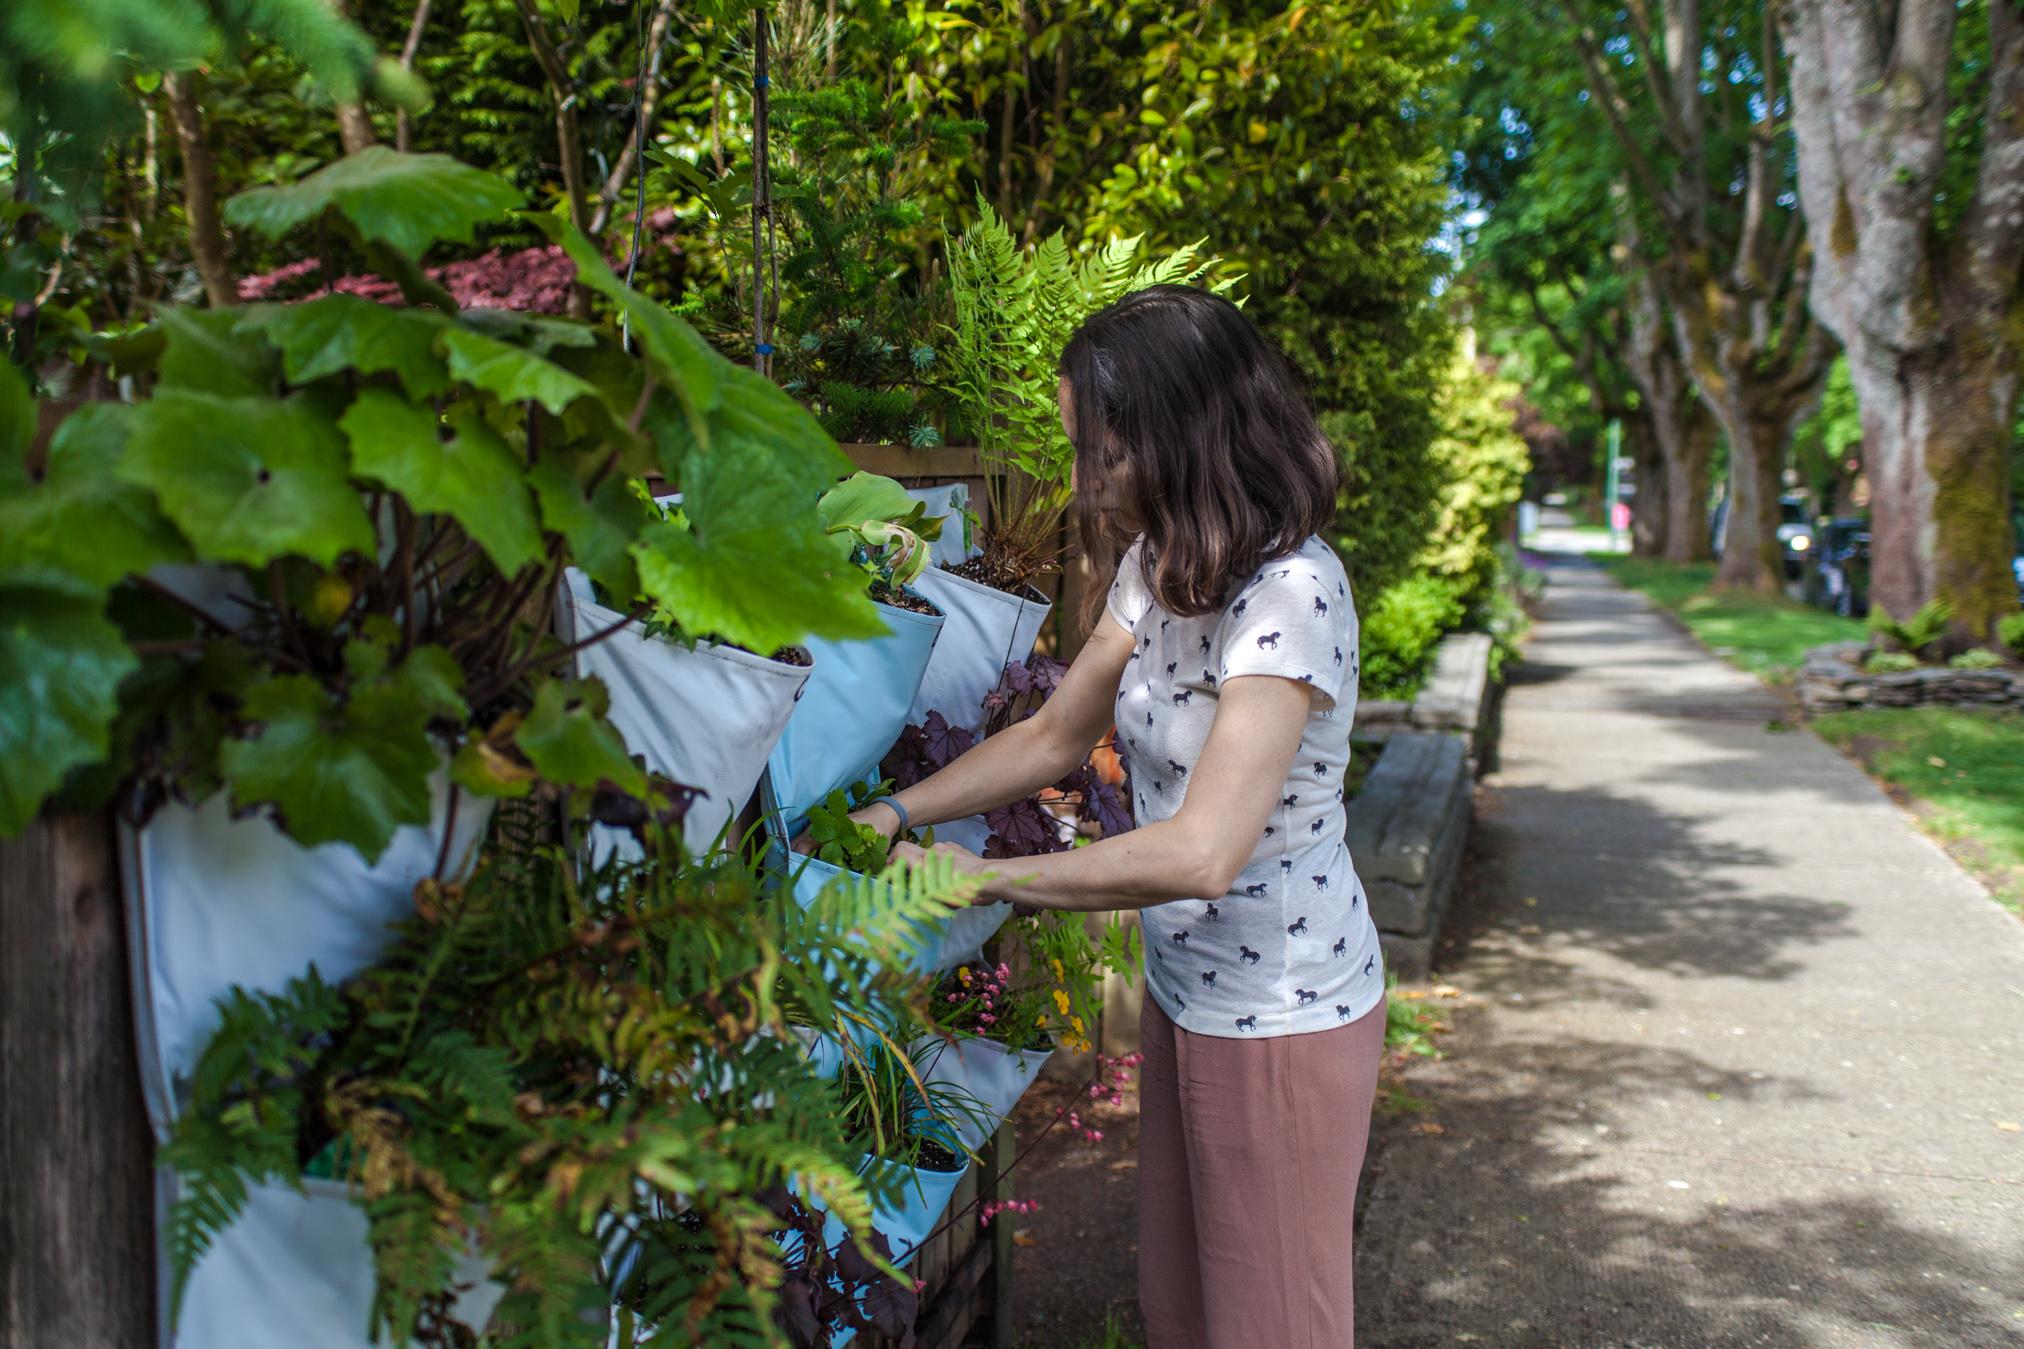 Residential Fence Garden